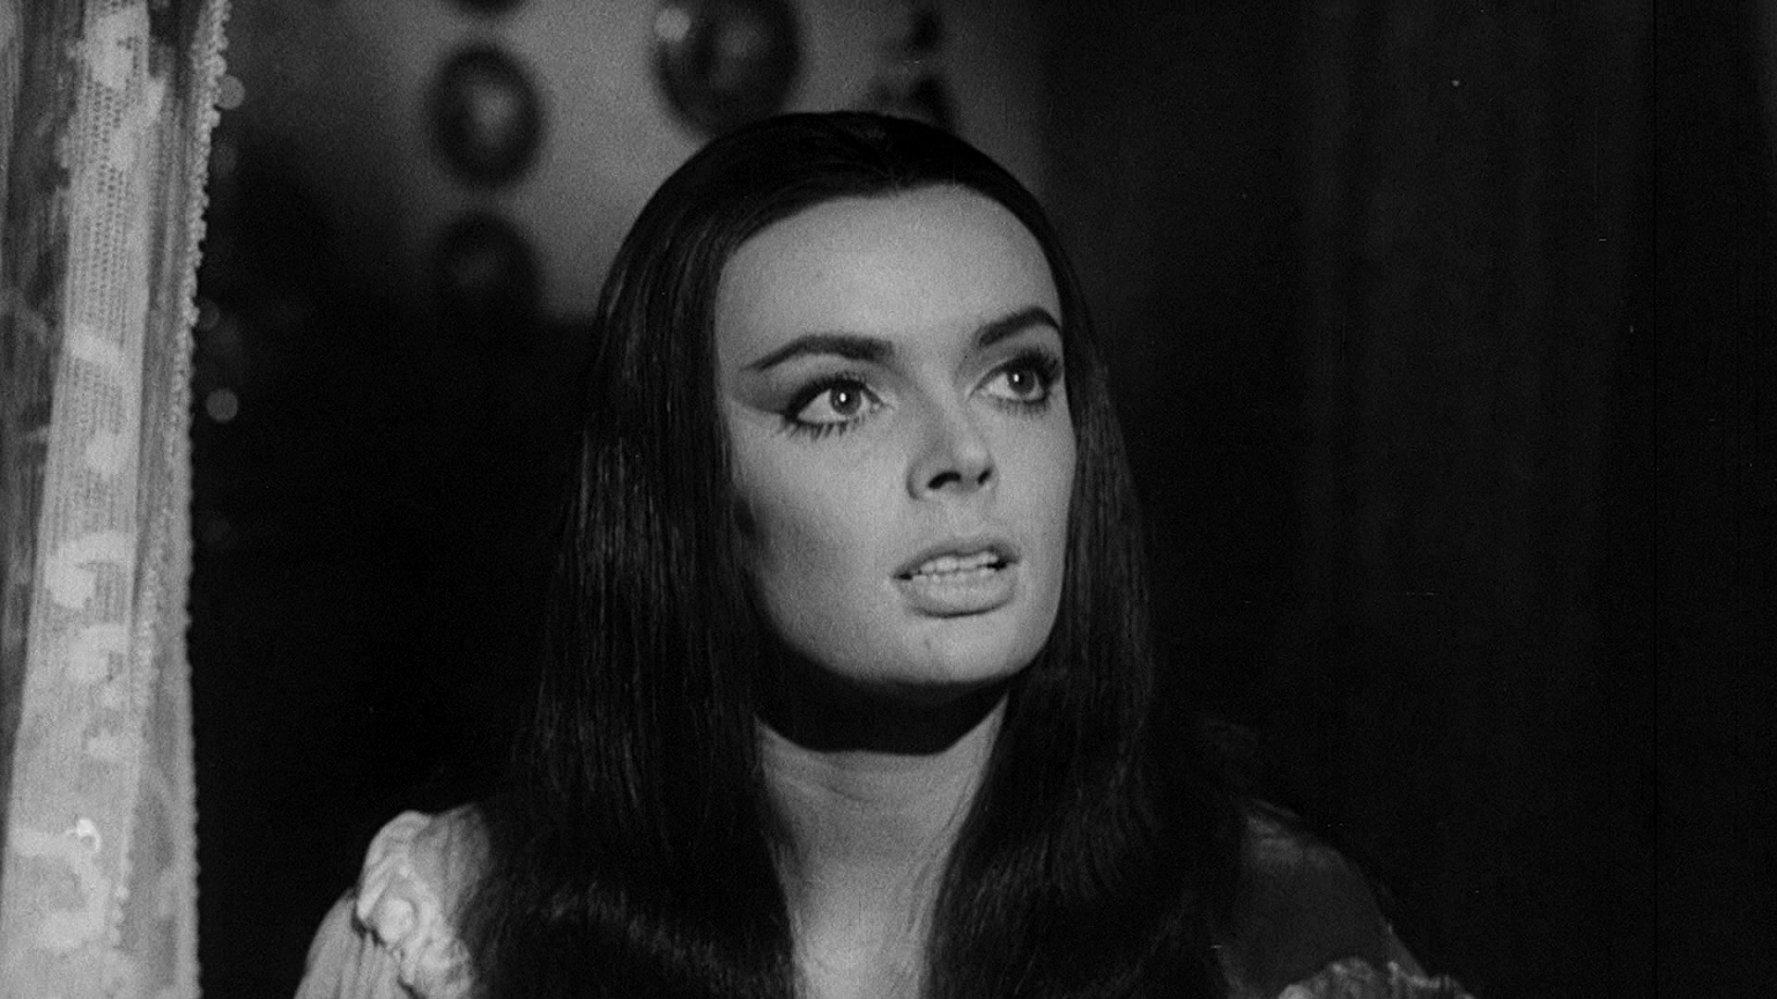 Barbara Steele in Castle of Blood (1964)